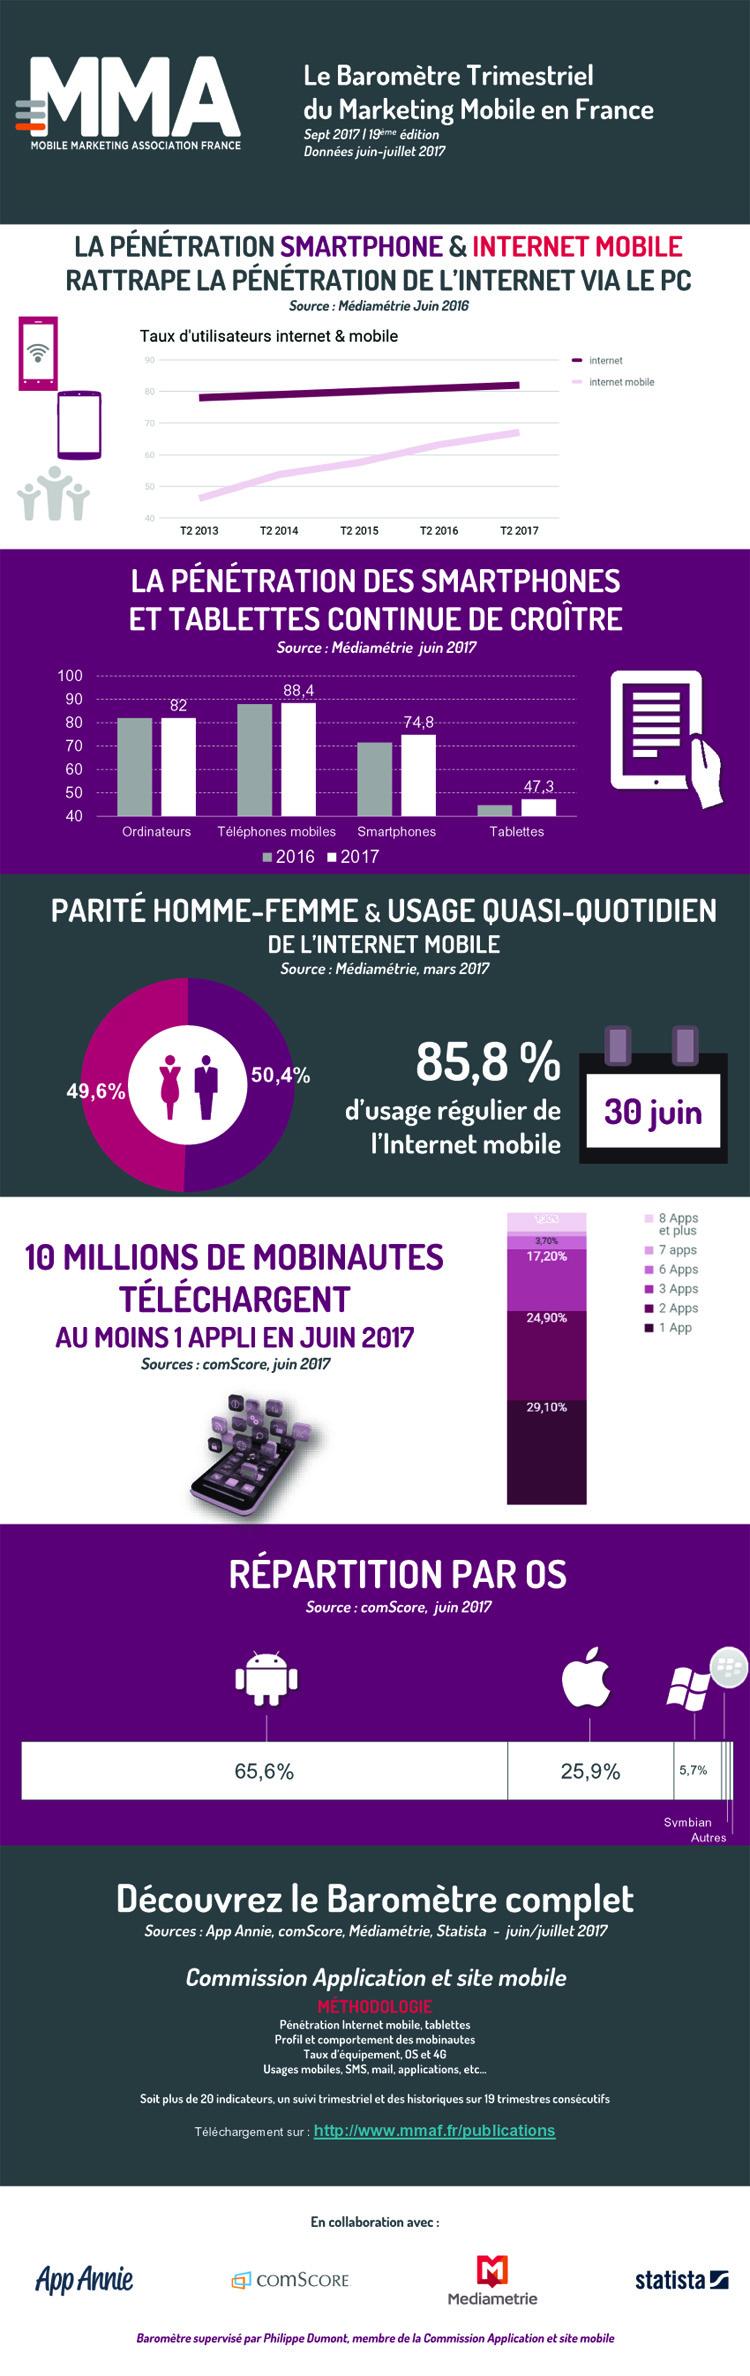 Plus de 10 millions de Français téléchargent des applications mobiles chaque mois